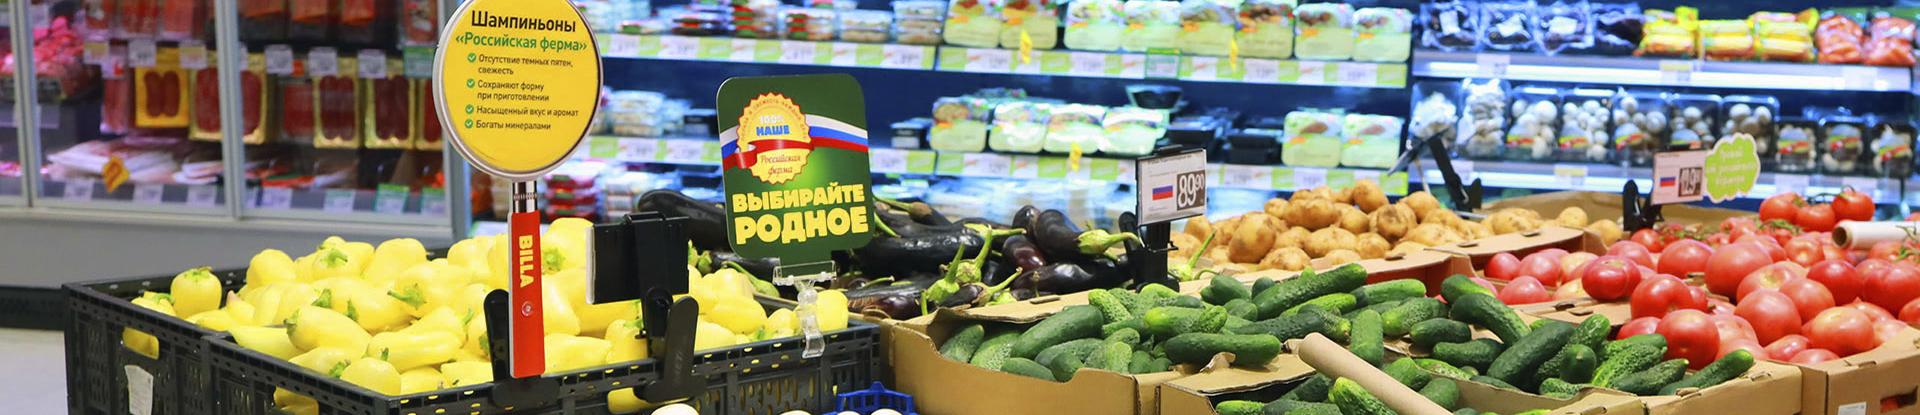 Широкий выбор свежих высококачественных продуктов